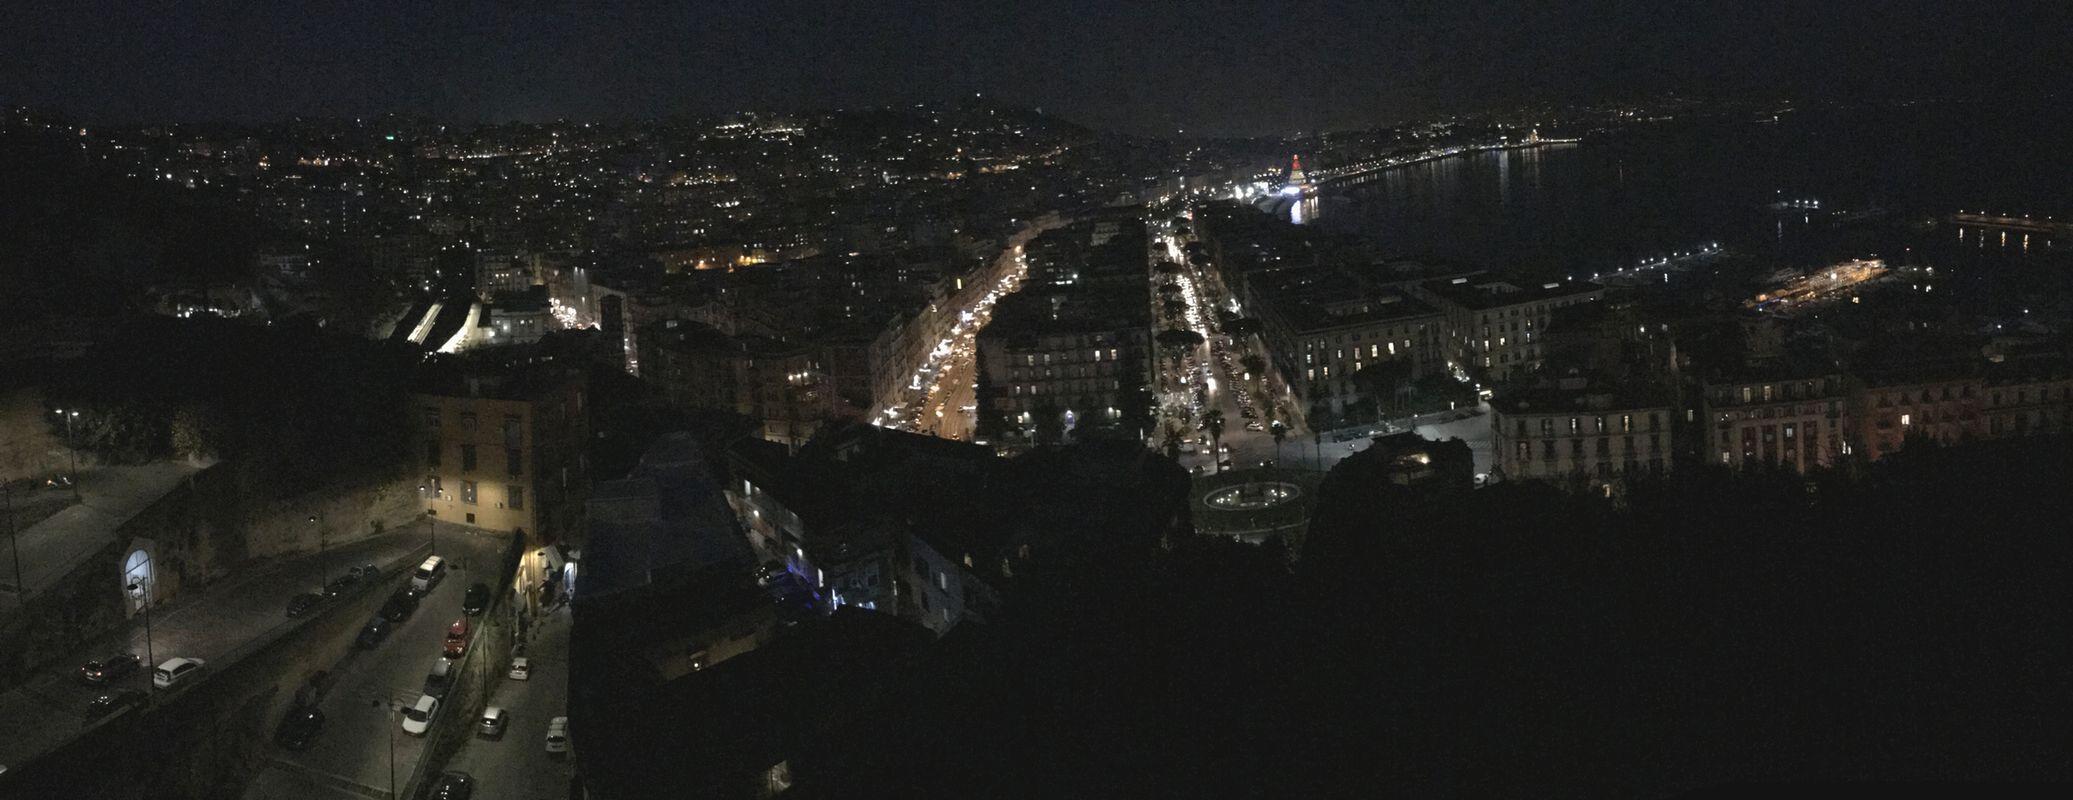 ナポリの夜景パノラマ